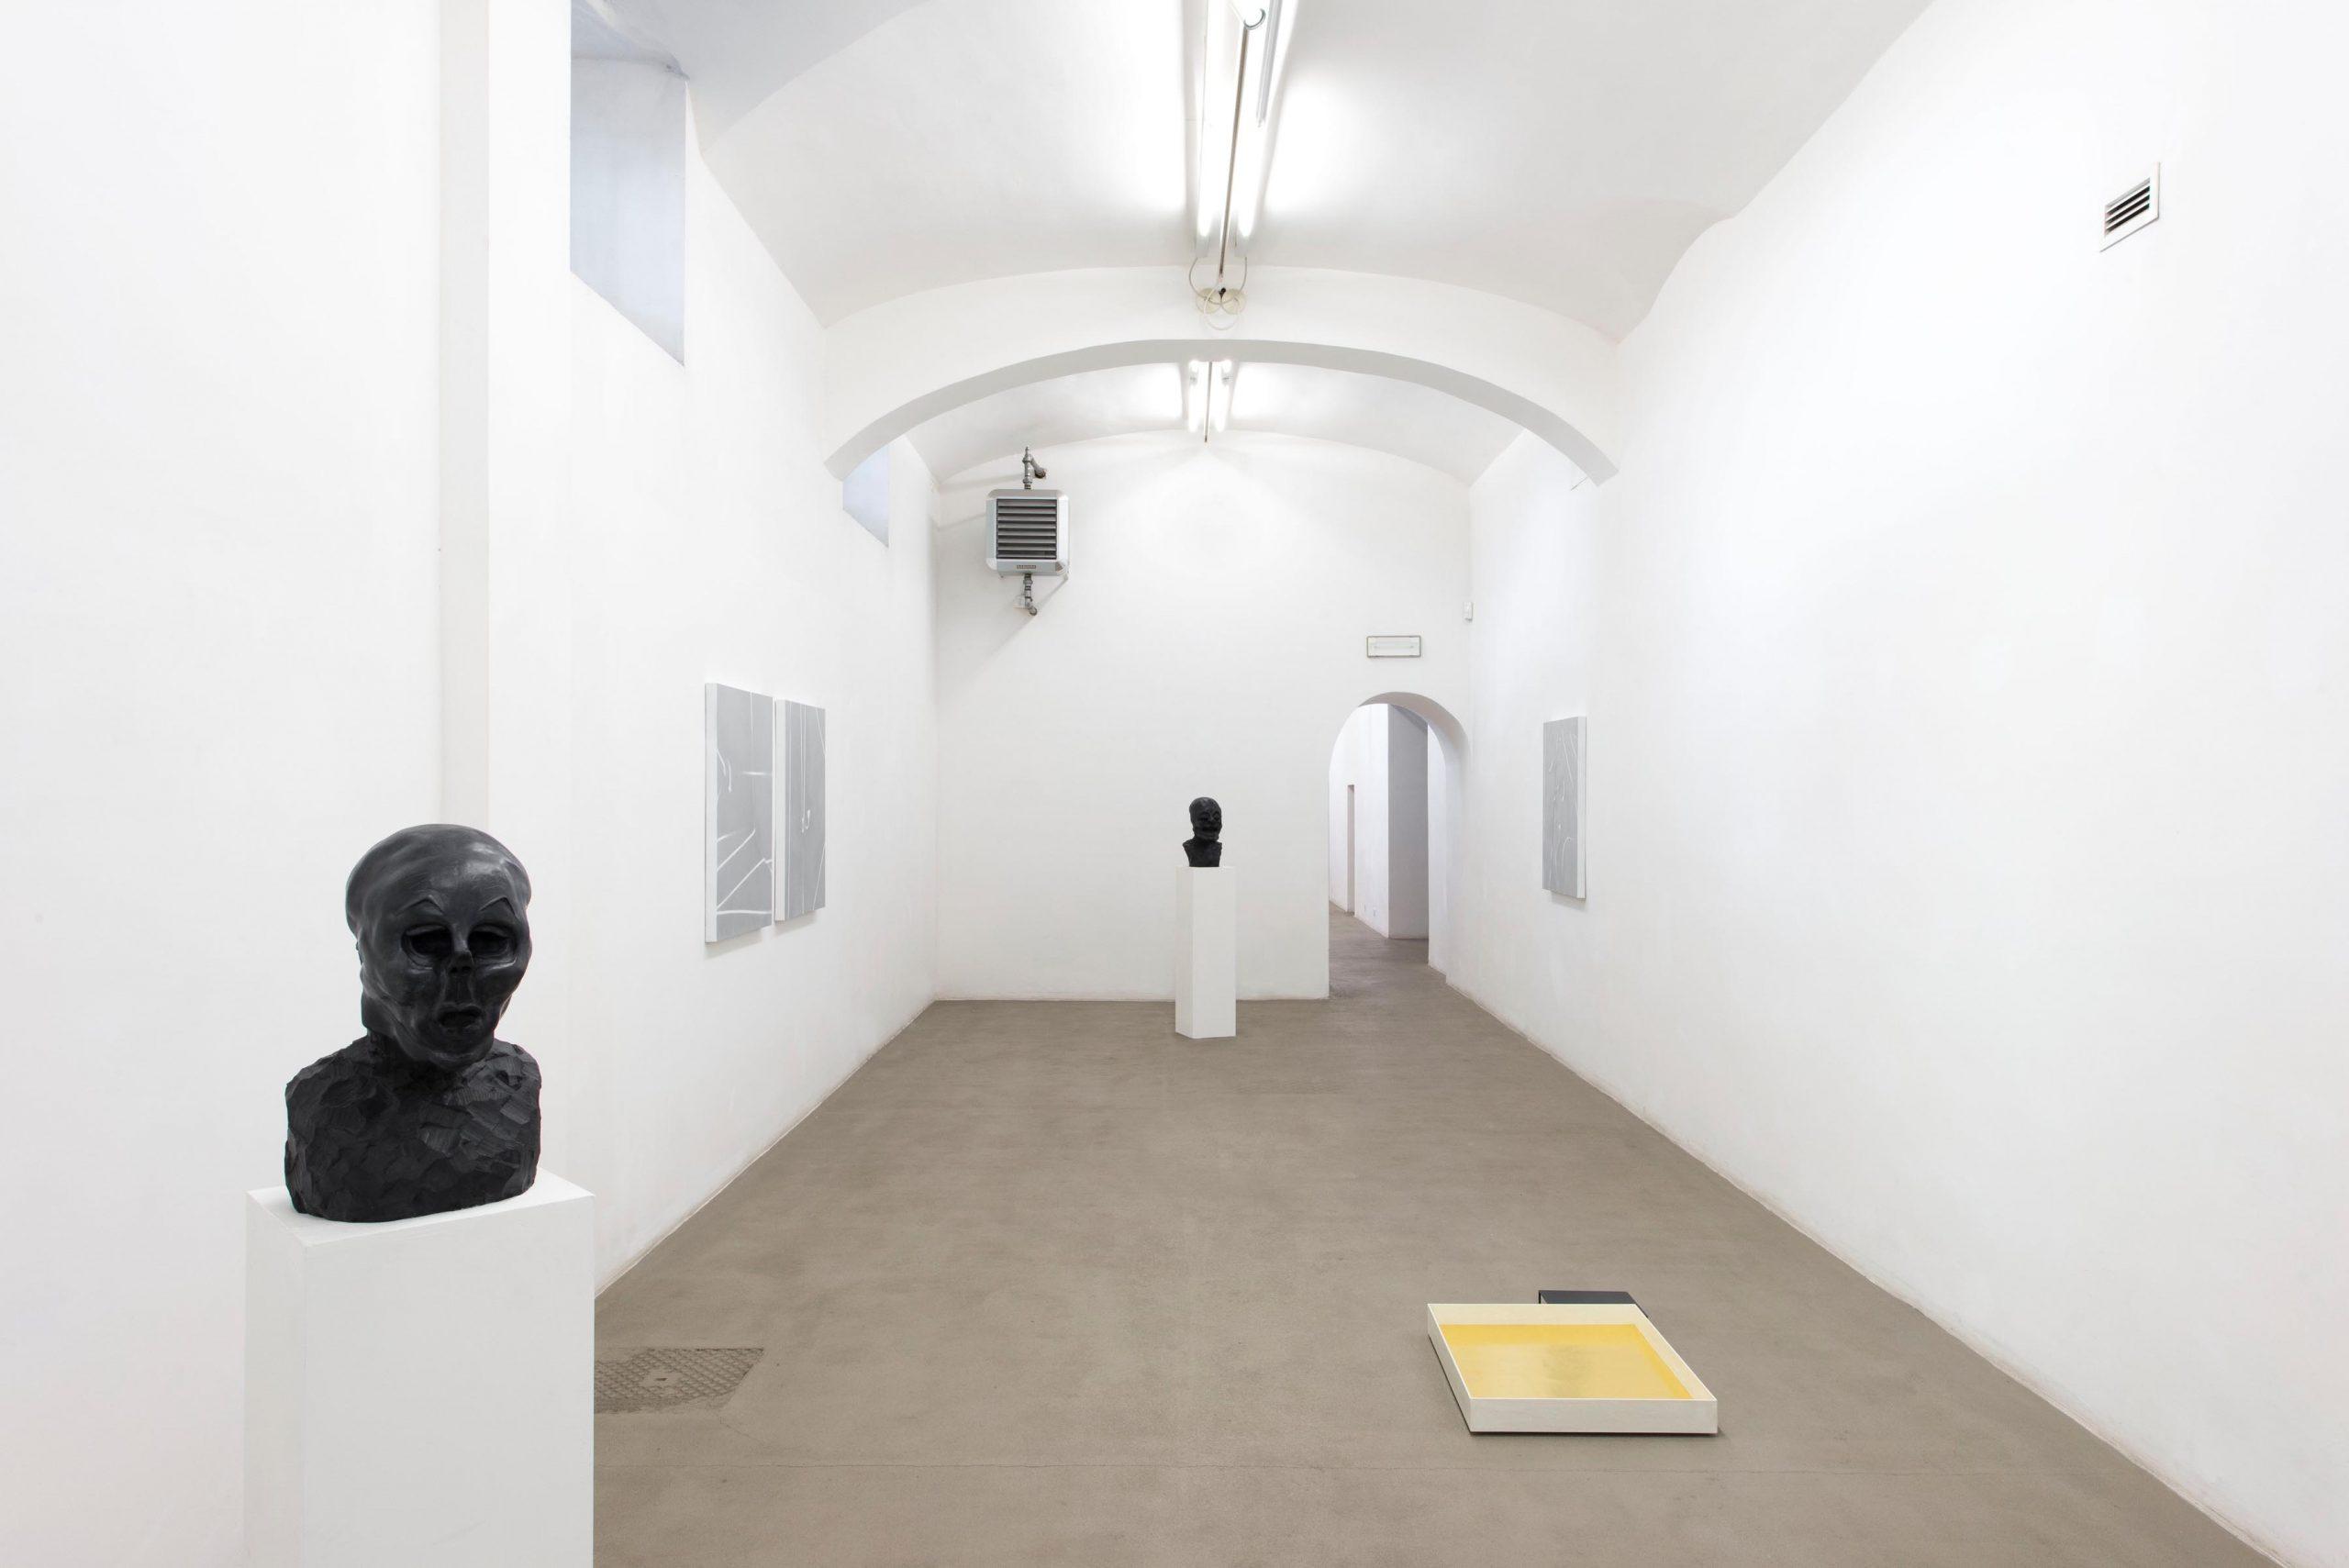 Beauty Codes (order/disorder/chaos) Installation view at Fondazione Giuliani, Rome, 2015 photo Giorgio Benni